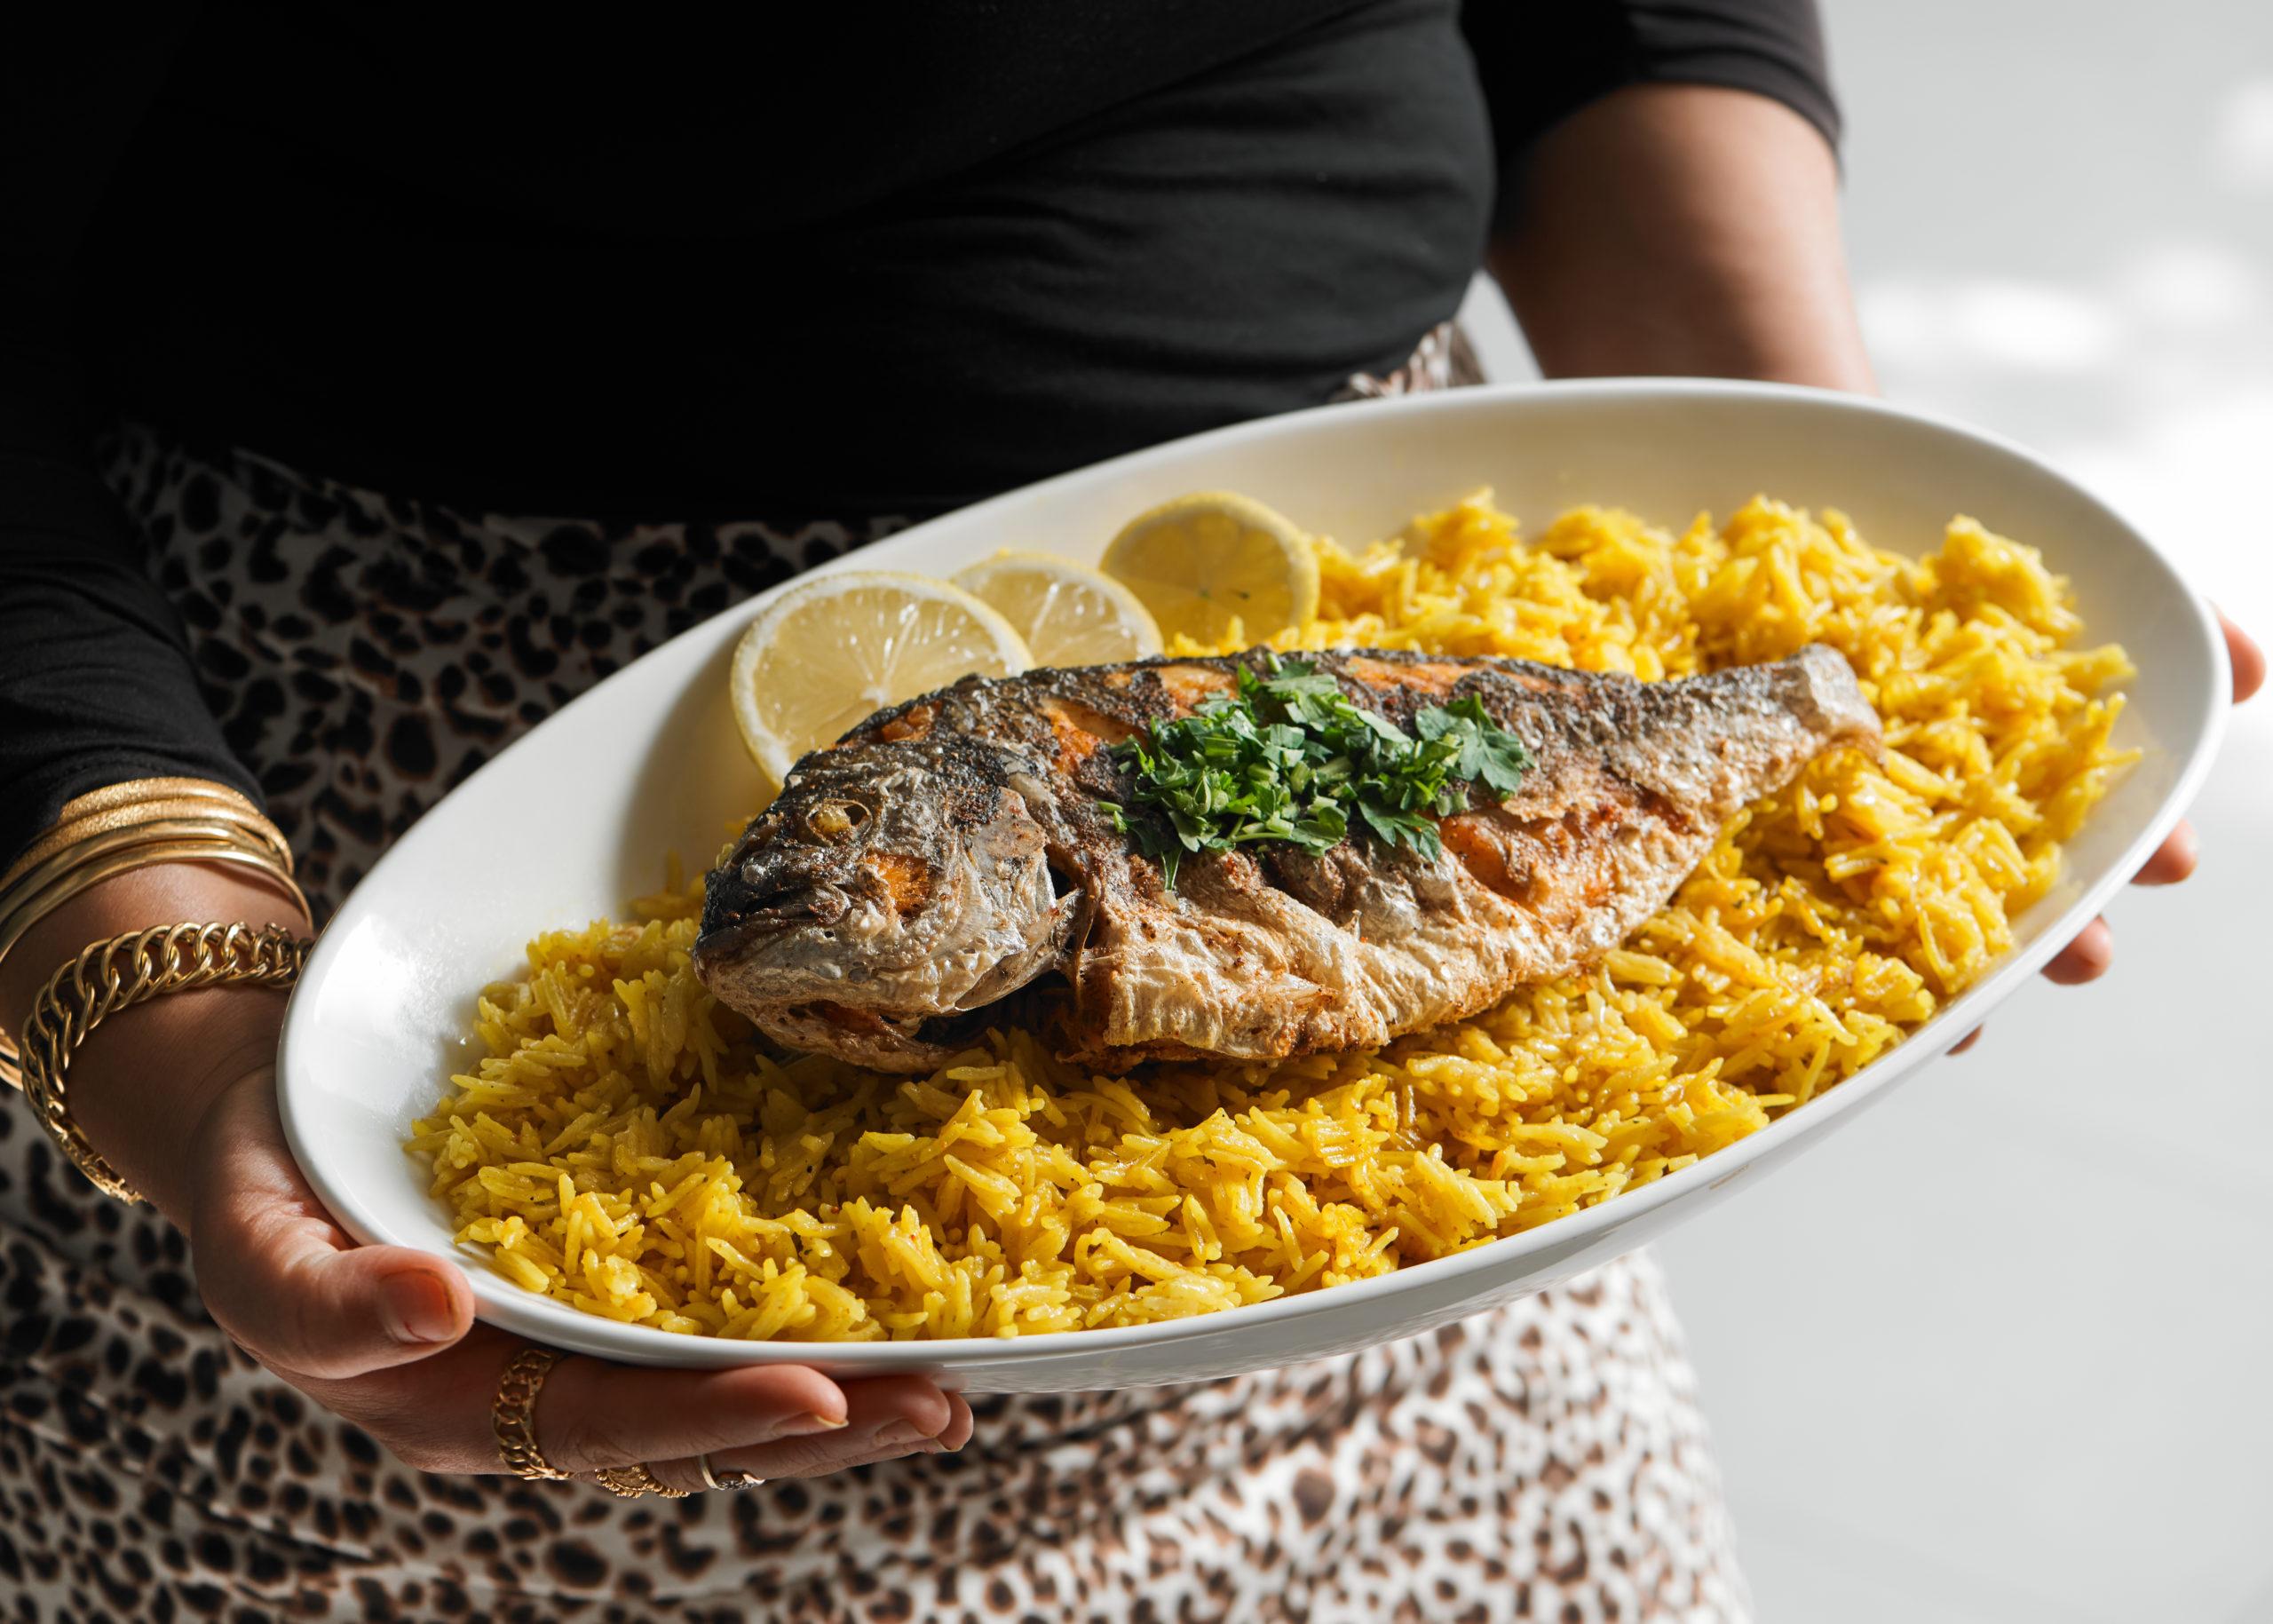 طبق سمك مع رز فلسطيني يسمى صياديه